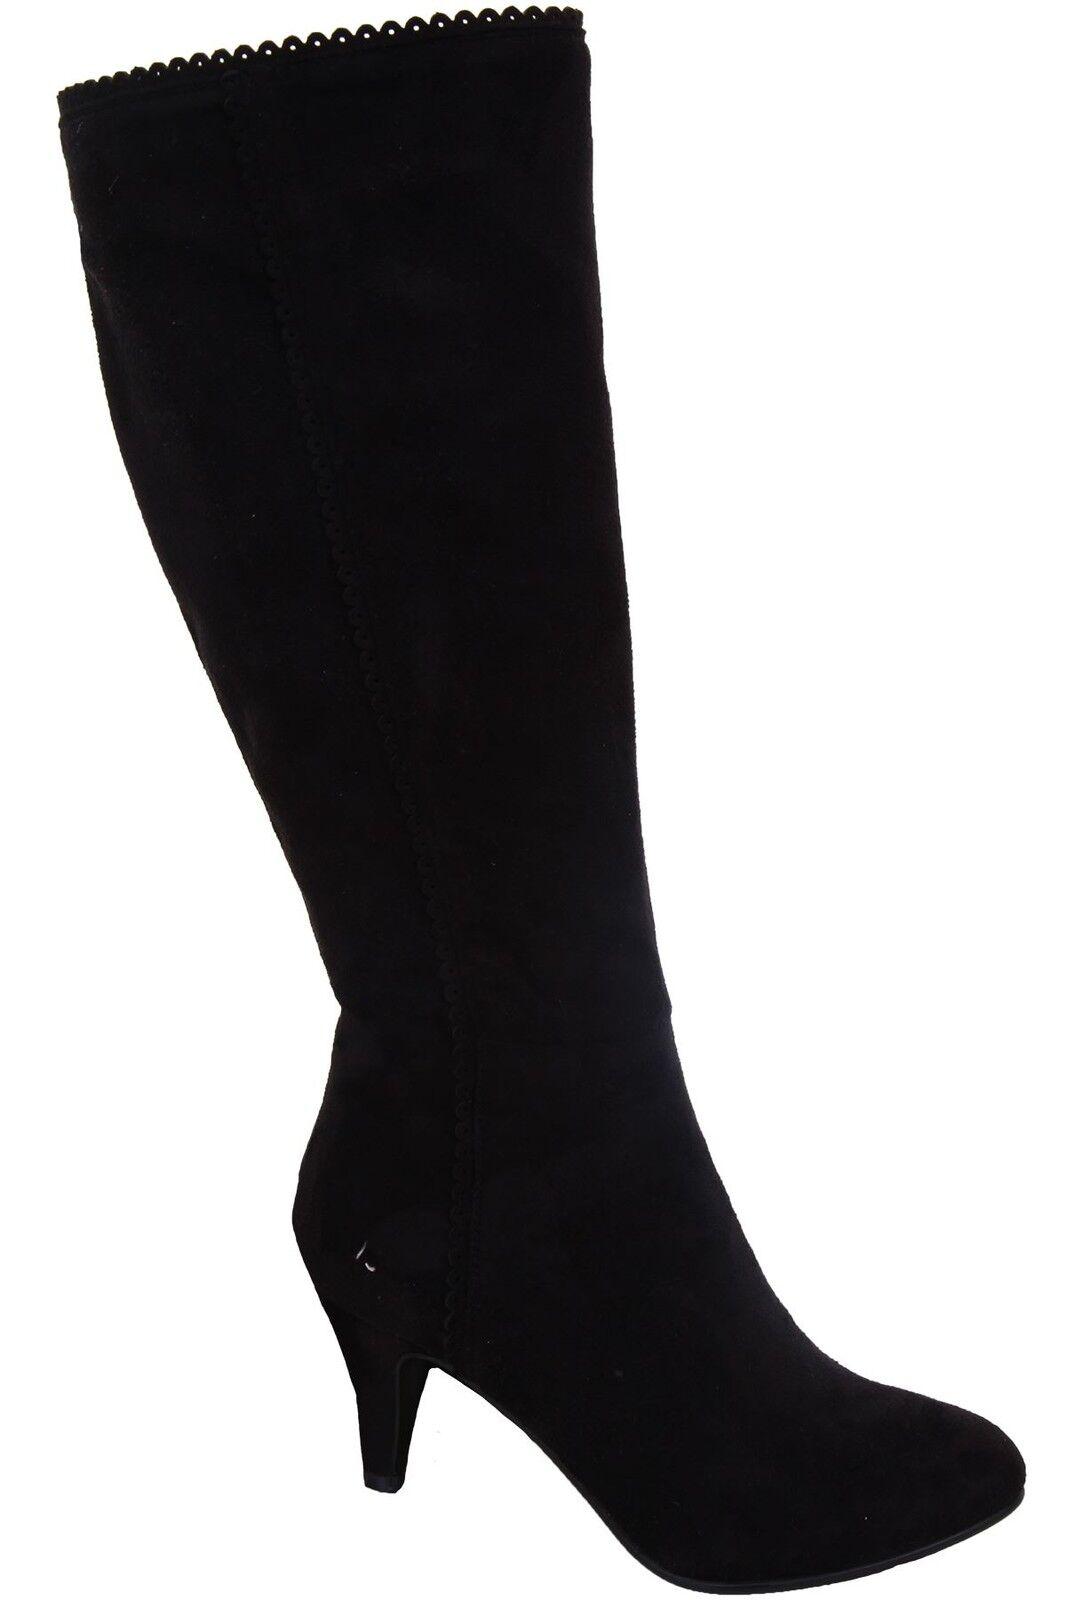 Para mujer de ante negro señaló la vieira recorte recorte recorte señoras Alta RODILLA botas TACONES  mejor marca